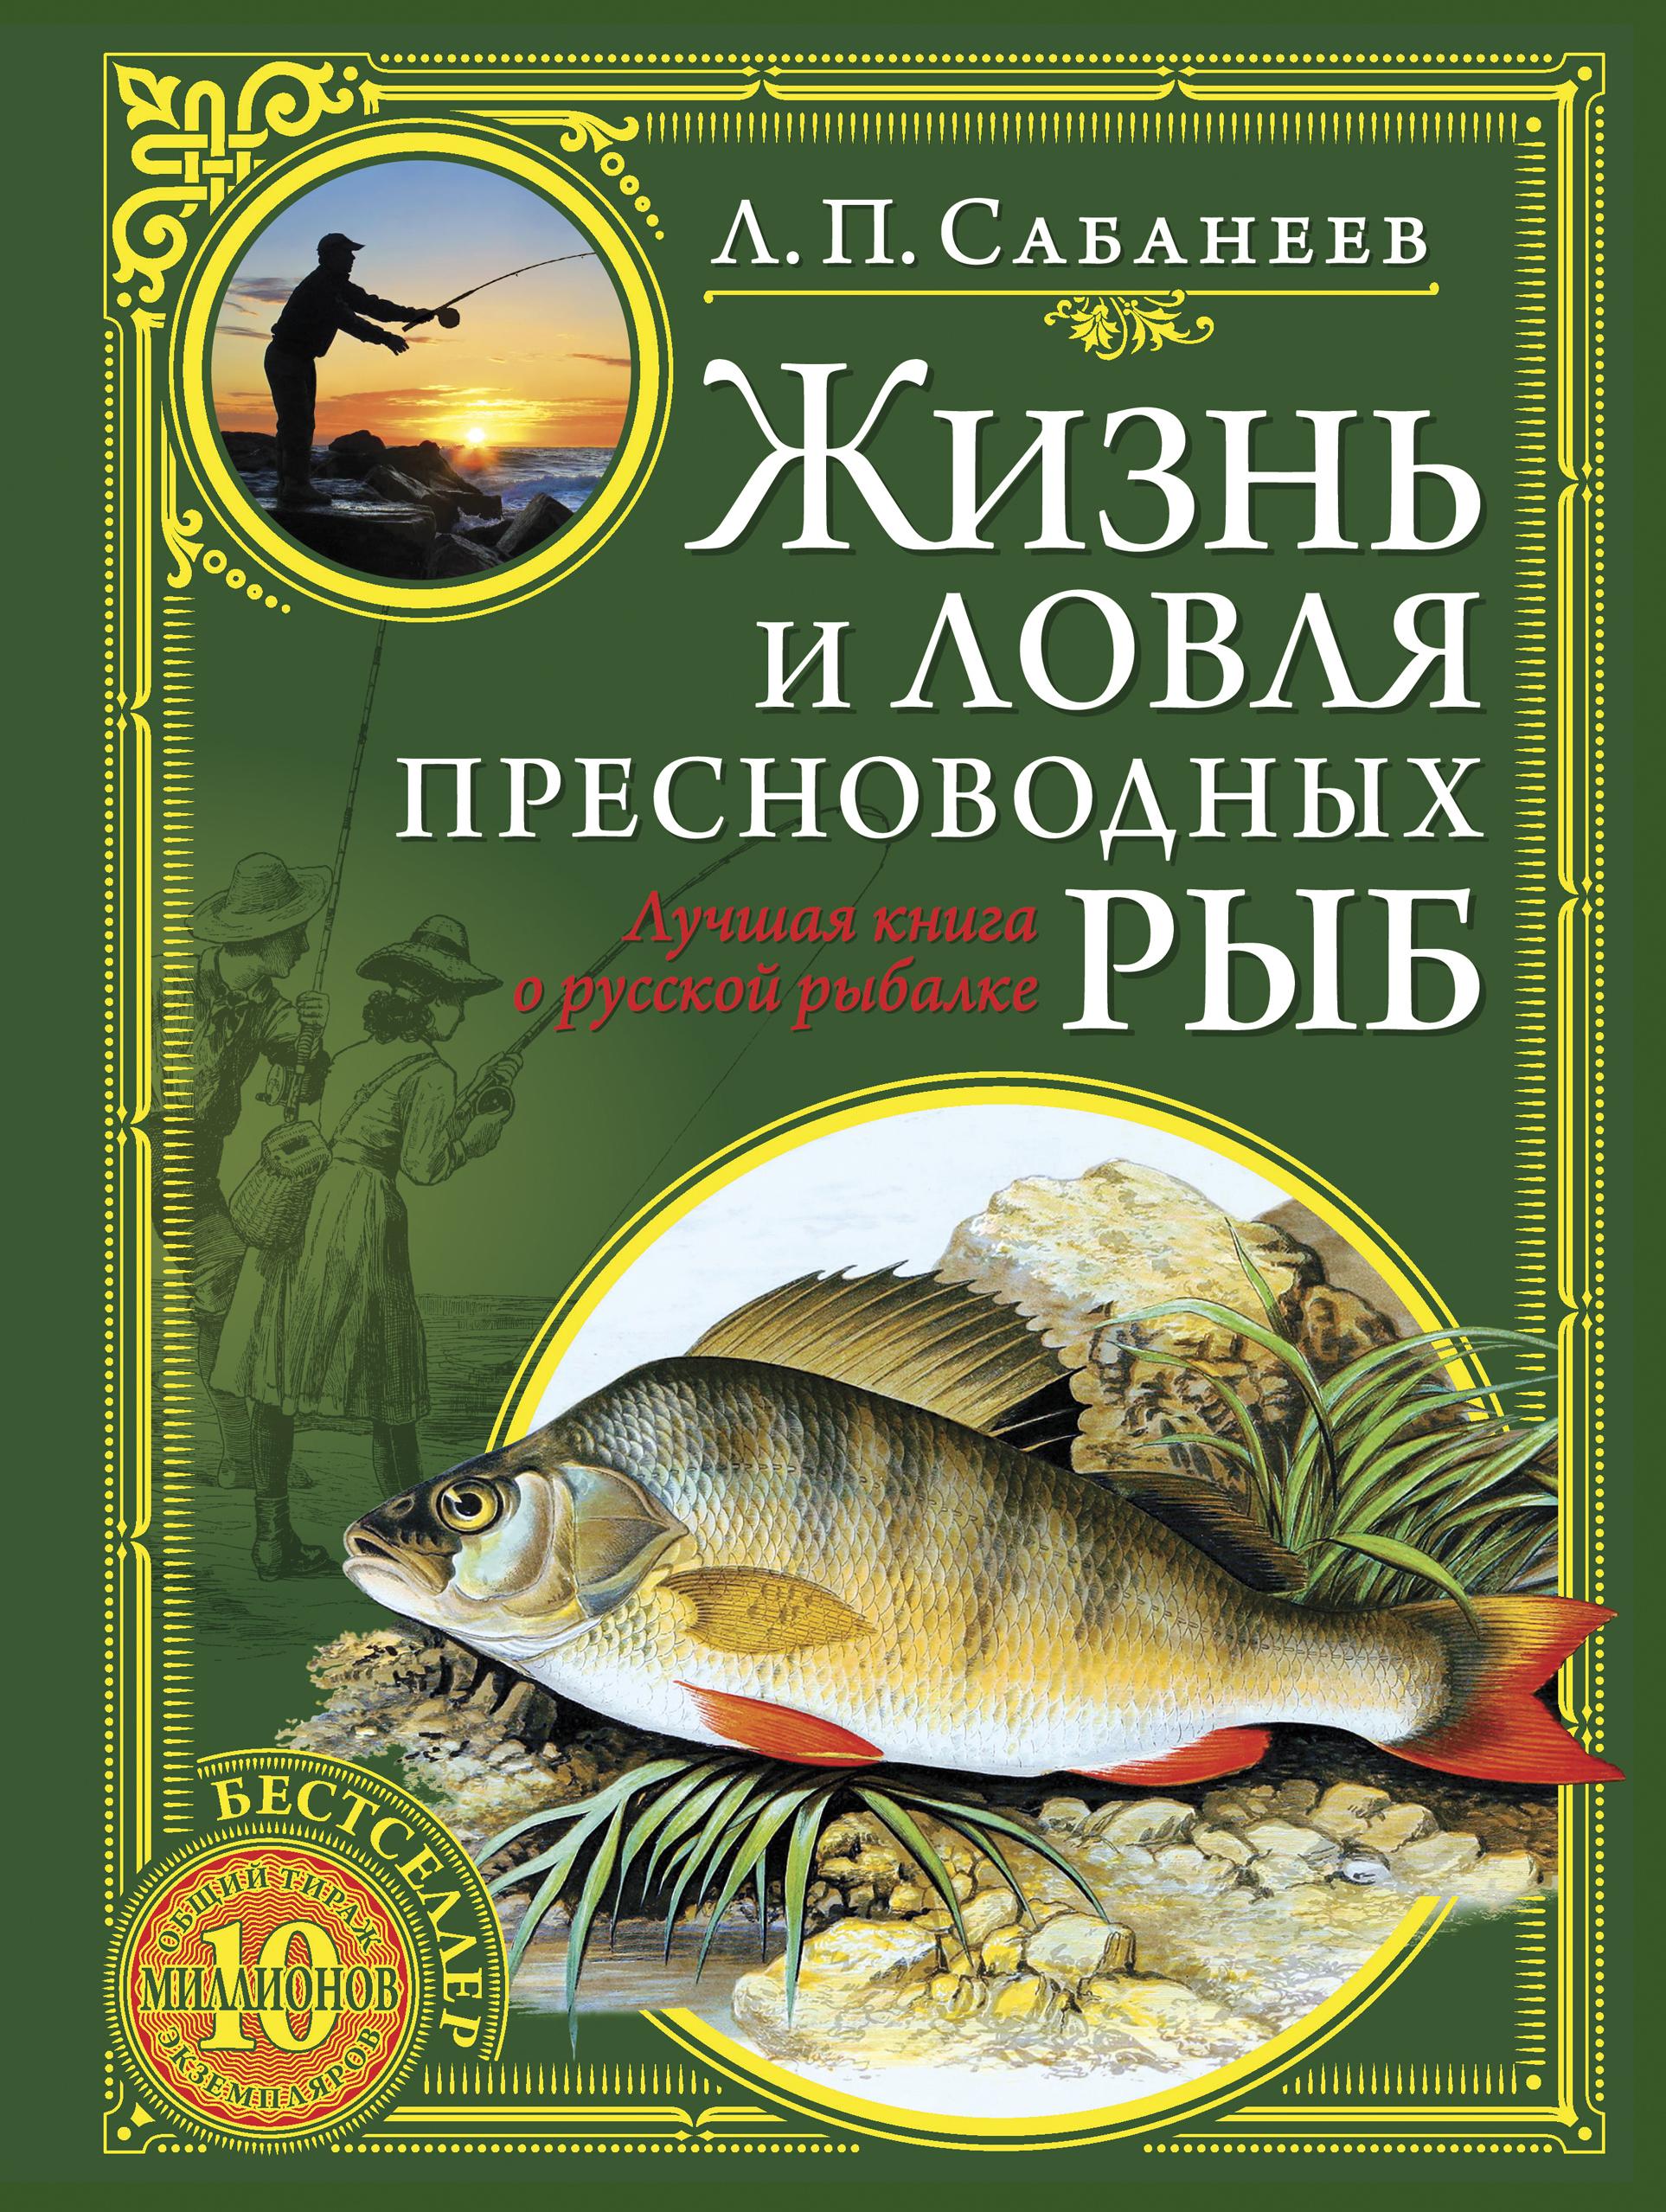 Сабанеев Л.П. Жизнь и ловля пресноводных рыб (зеленая с золотым тиснением) друэ в вьель п л паста а еще лазанья равиоли и каннеллони